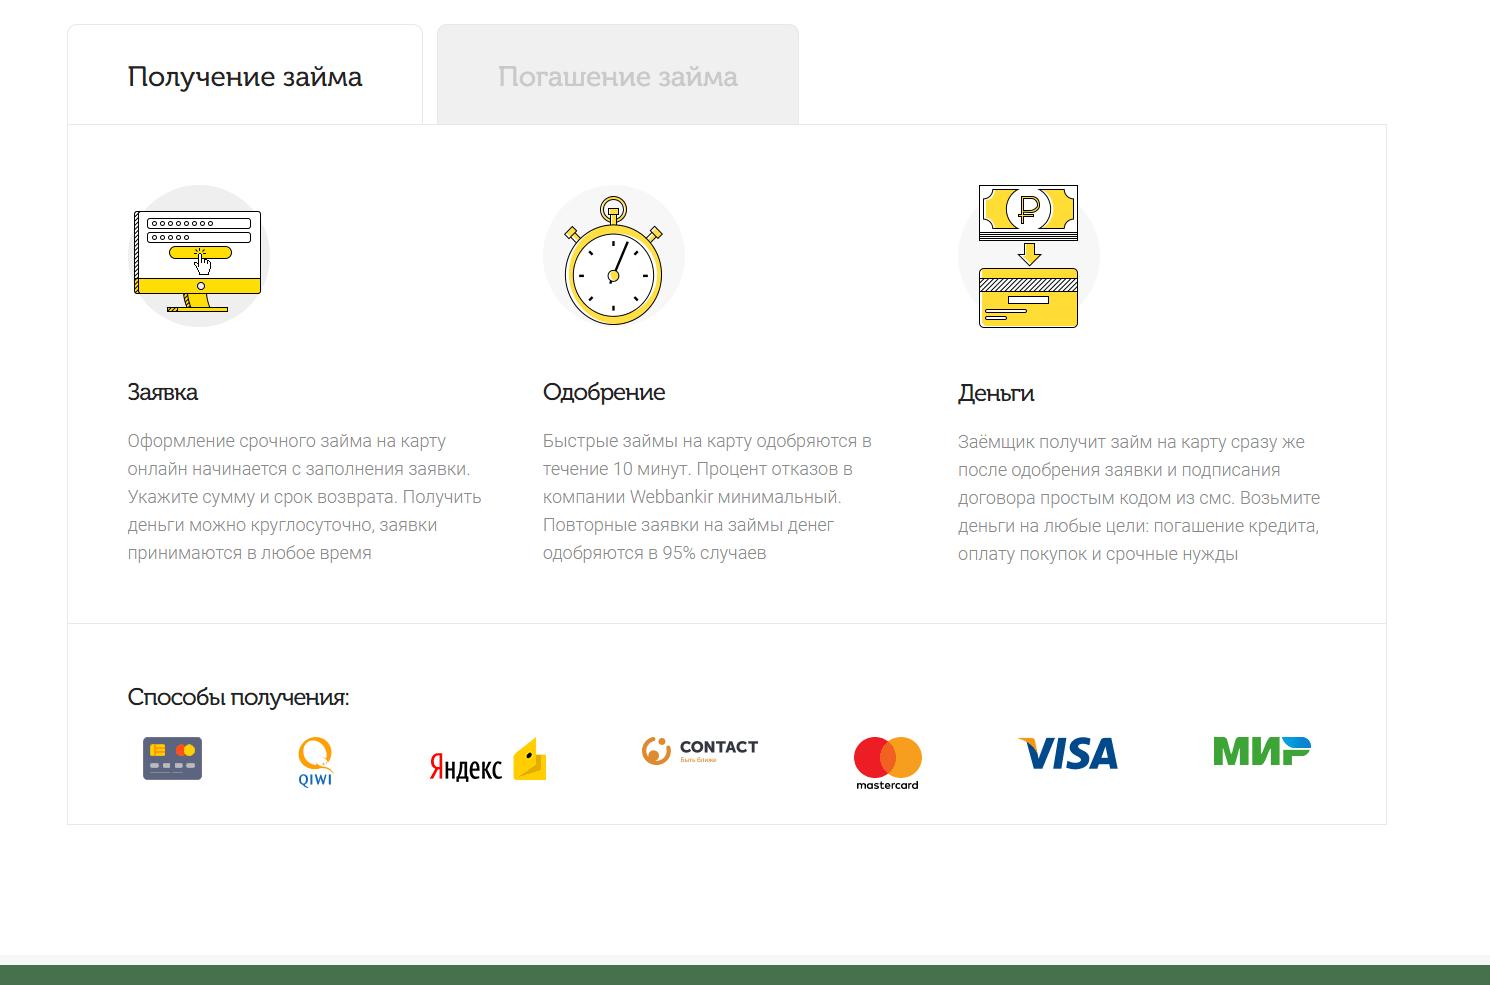 webbankir погасить займ